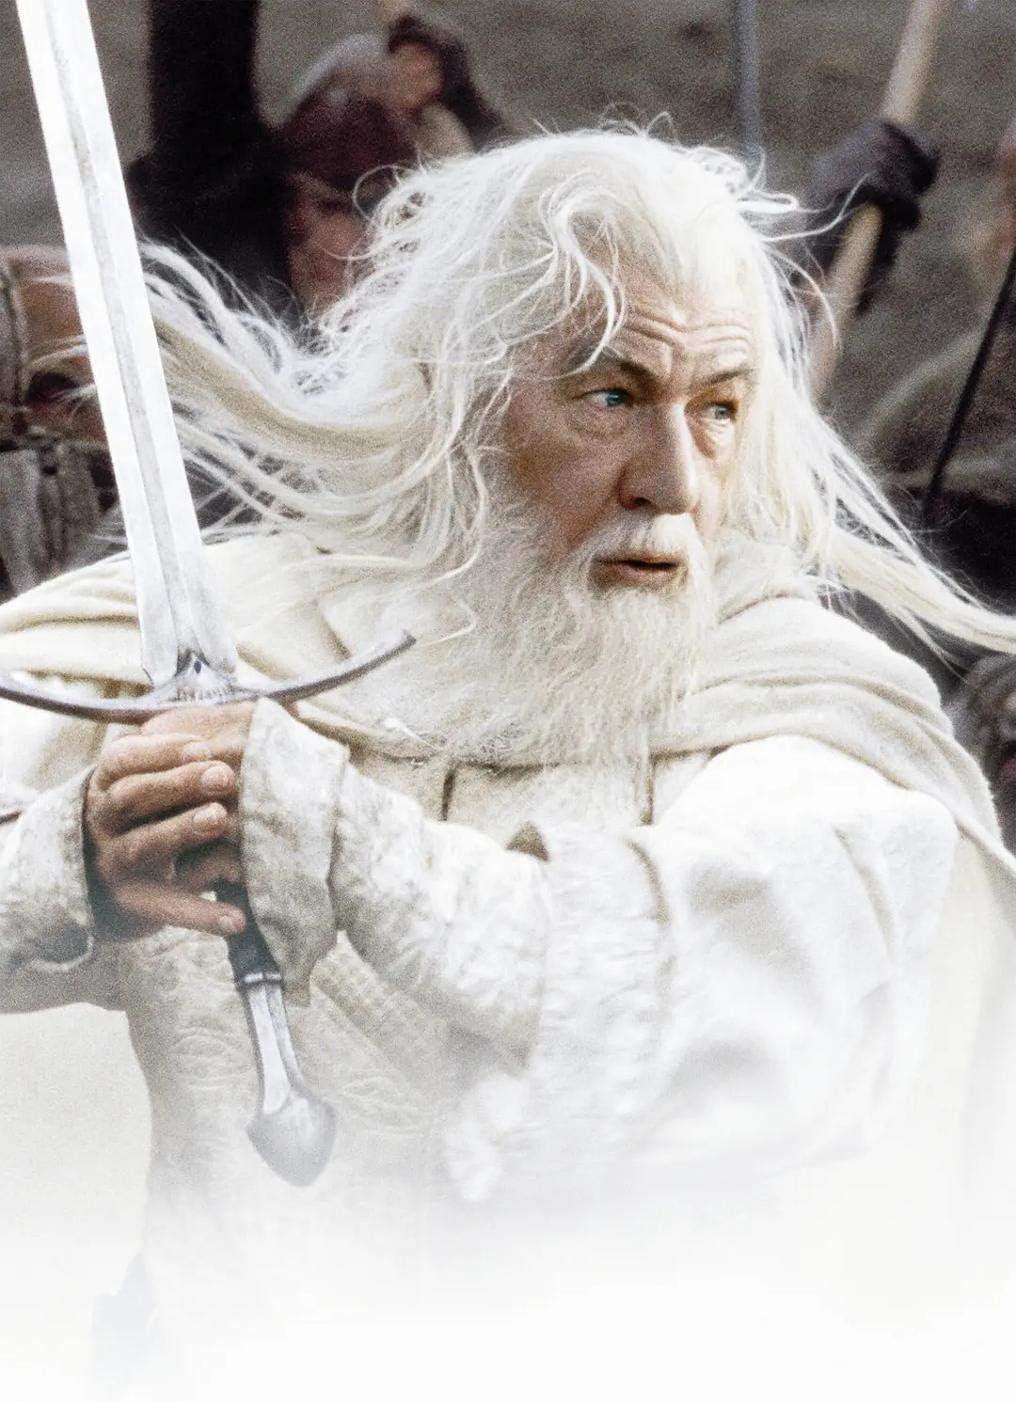 vhidfsjgdsfik Kit de Pintura de Diamantes 5D-DIY Punto de Cruz 40x50cm Mapa del Hobbit del Señor de los Anillos del Medio Eh Estilo de película Decoración del hogar